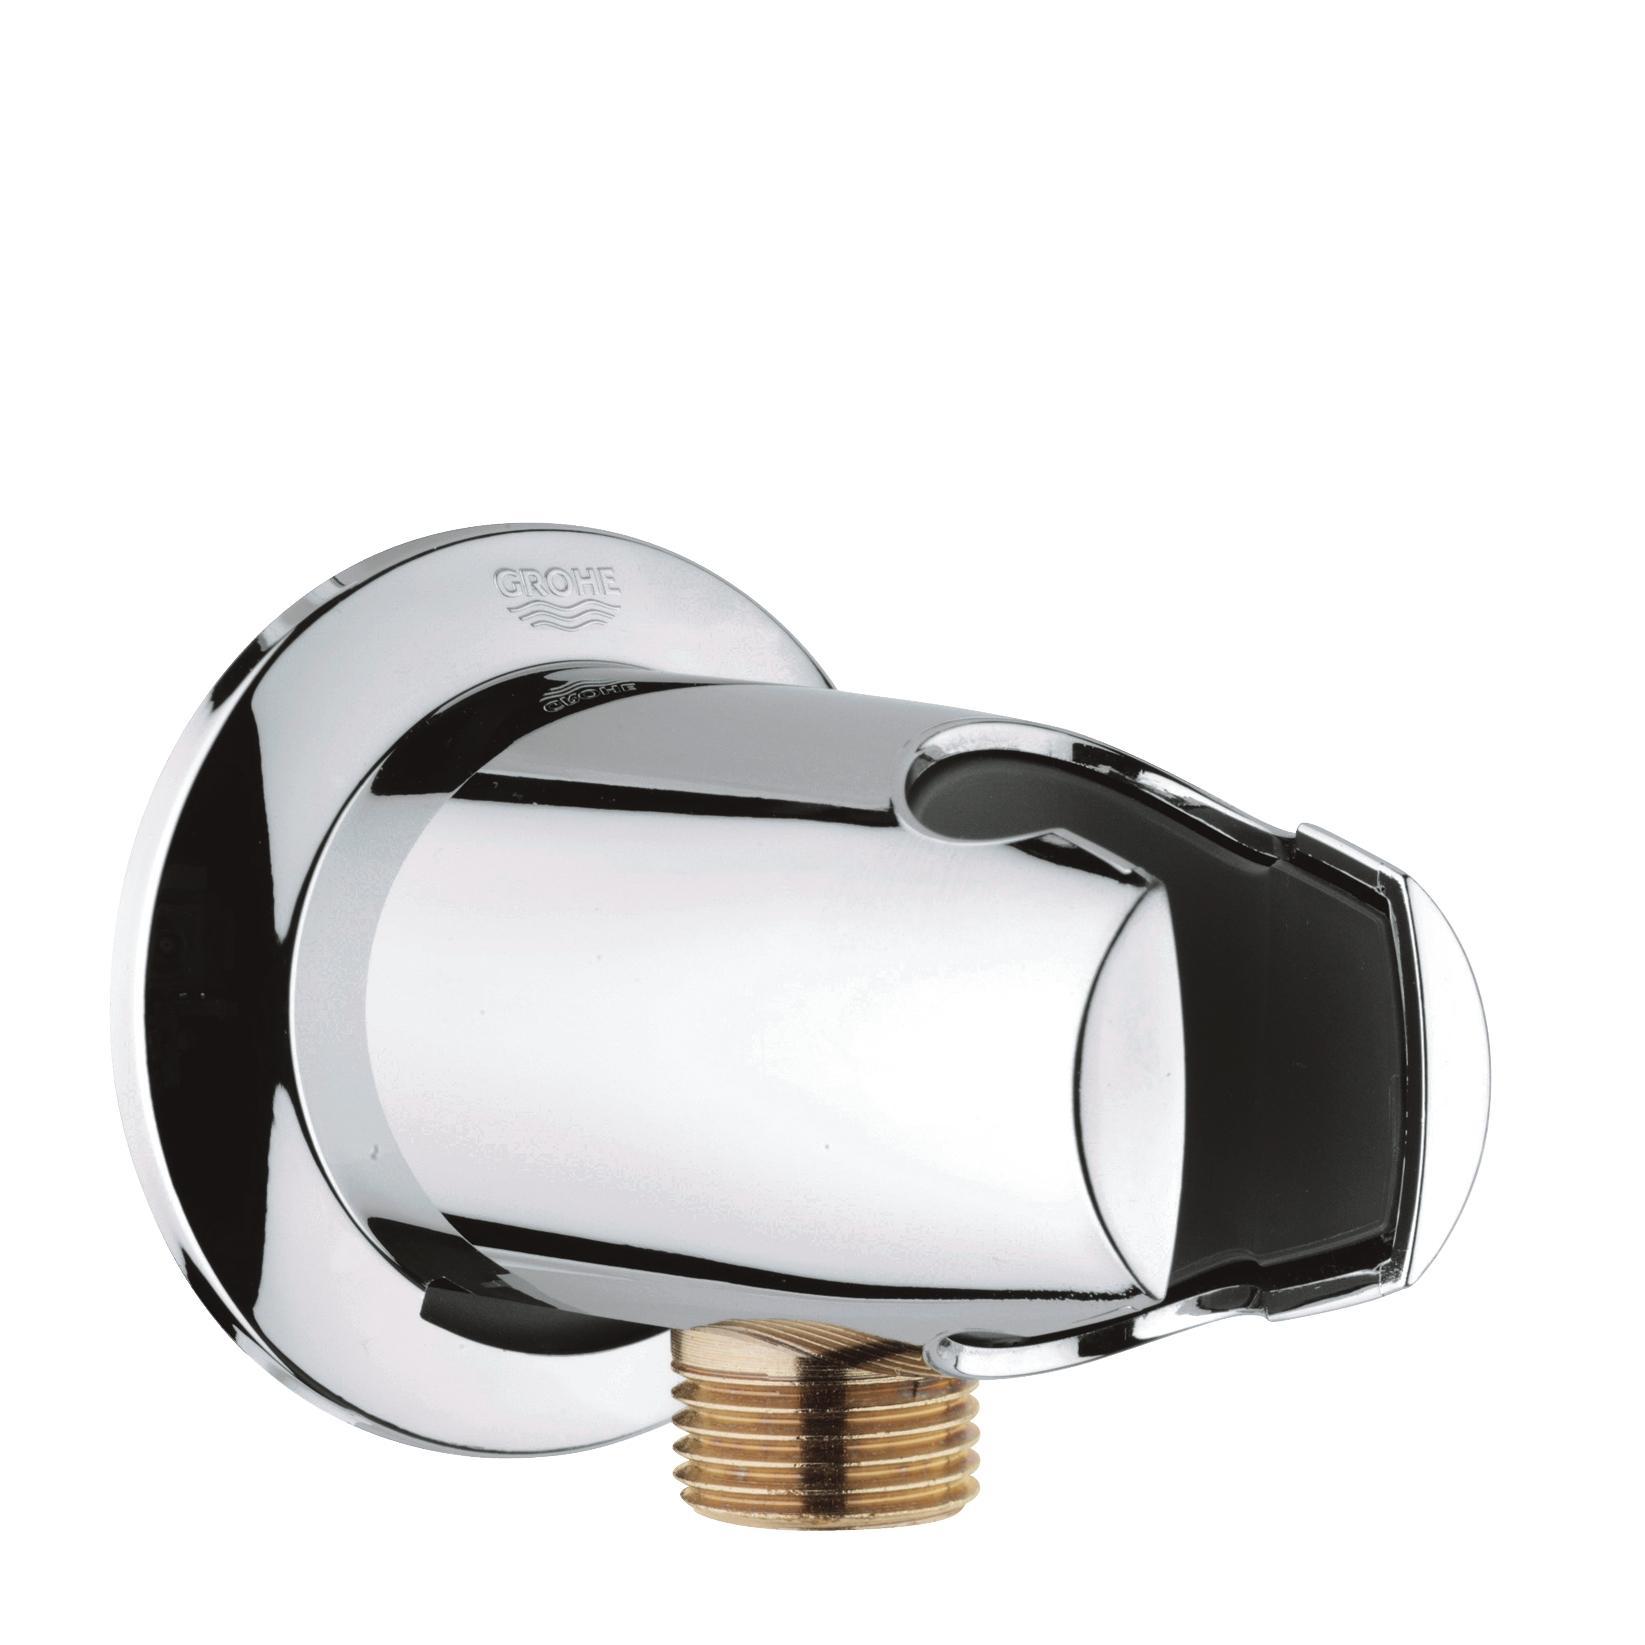 Подключение для душевого шланга Grohe 28406000